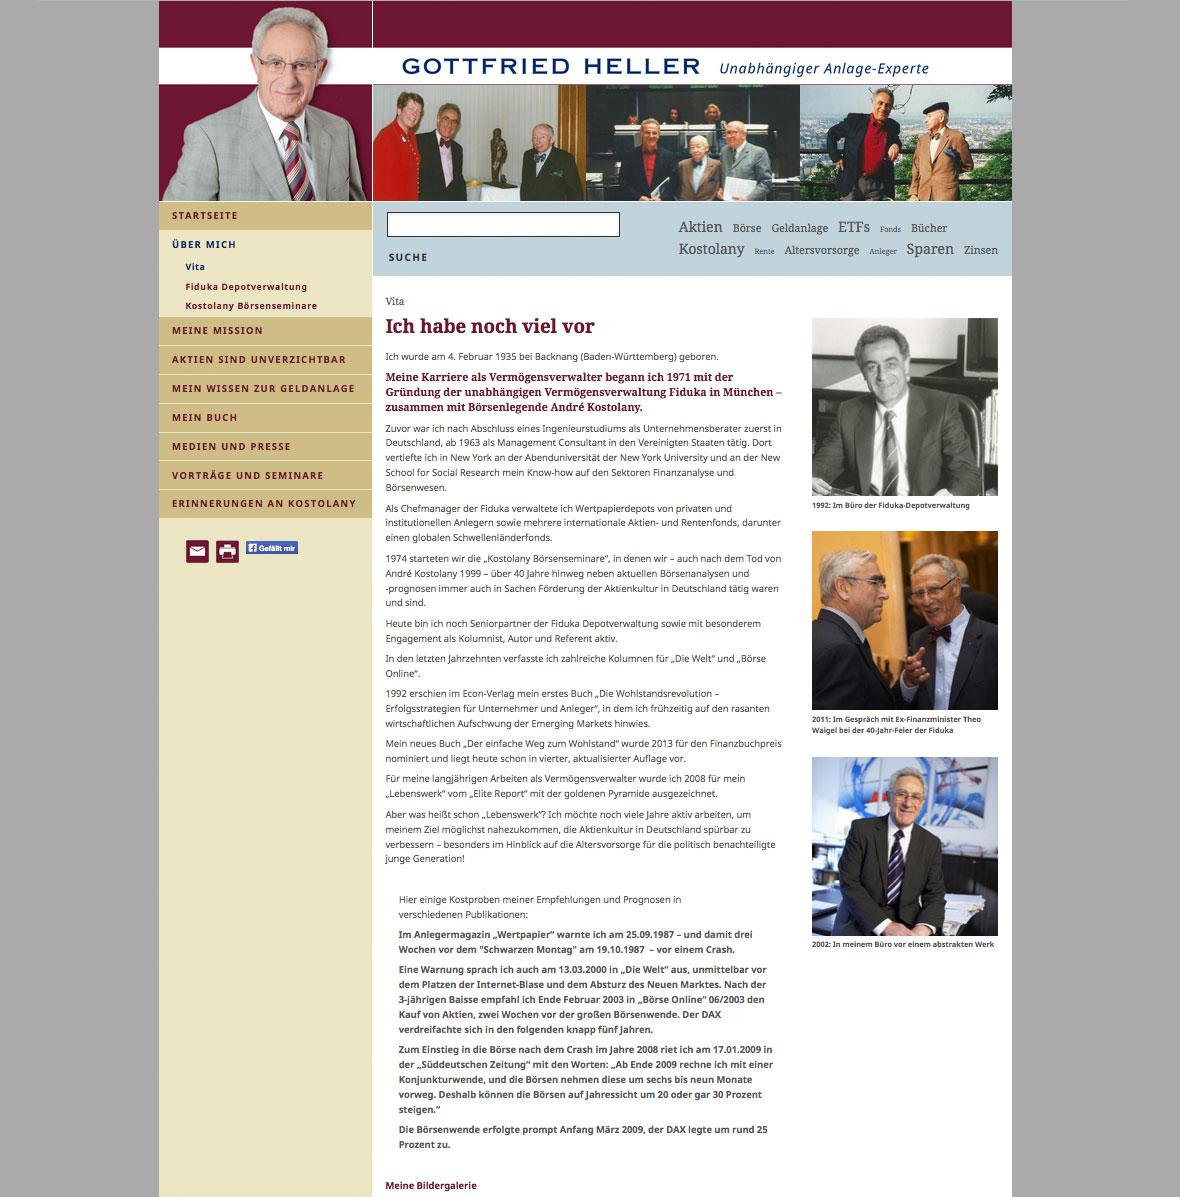 punktneun-Gottfried-Heller-Webseite-Vita